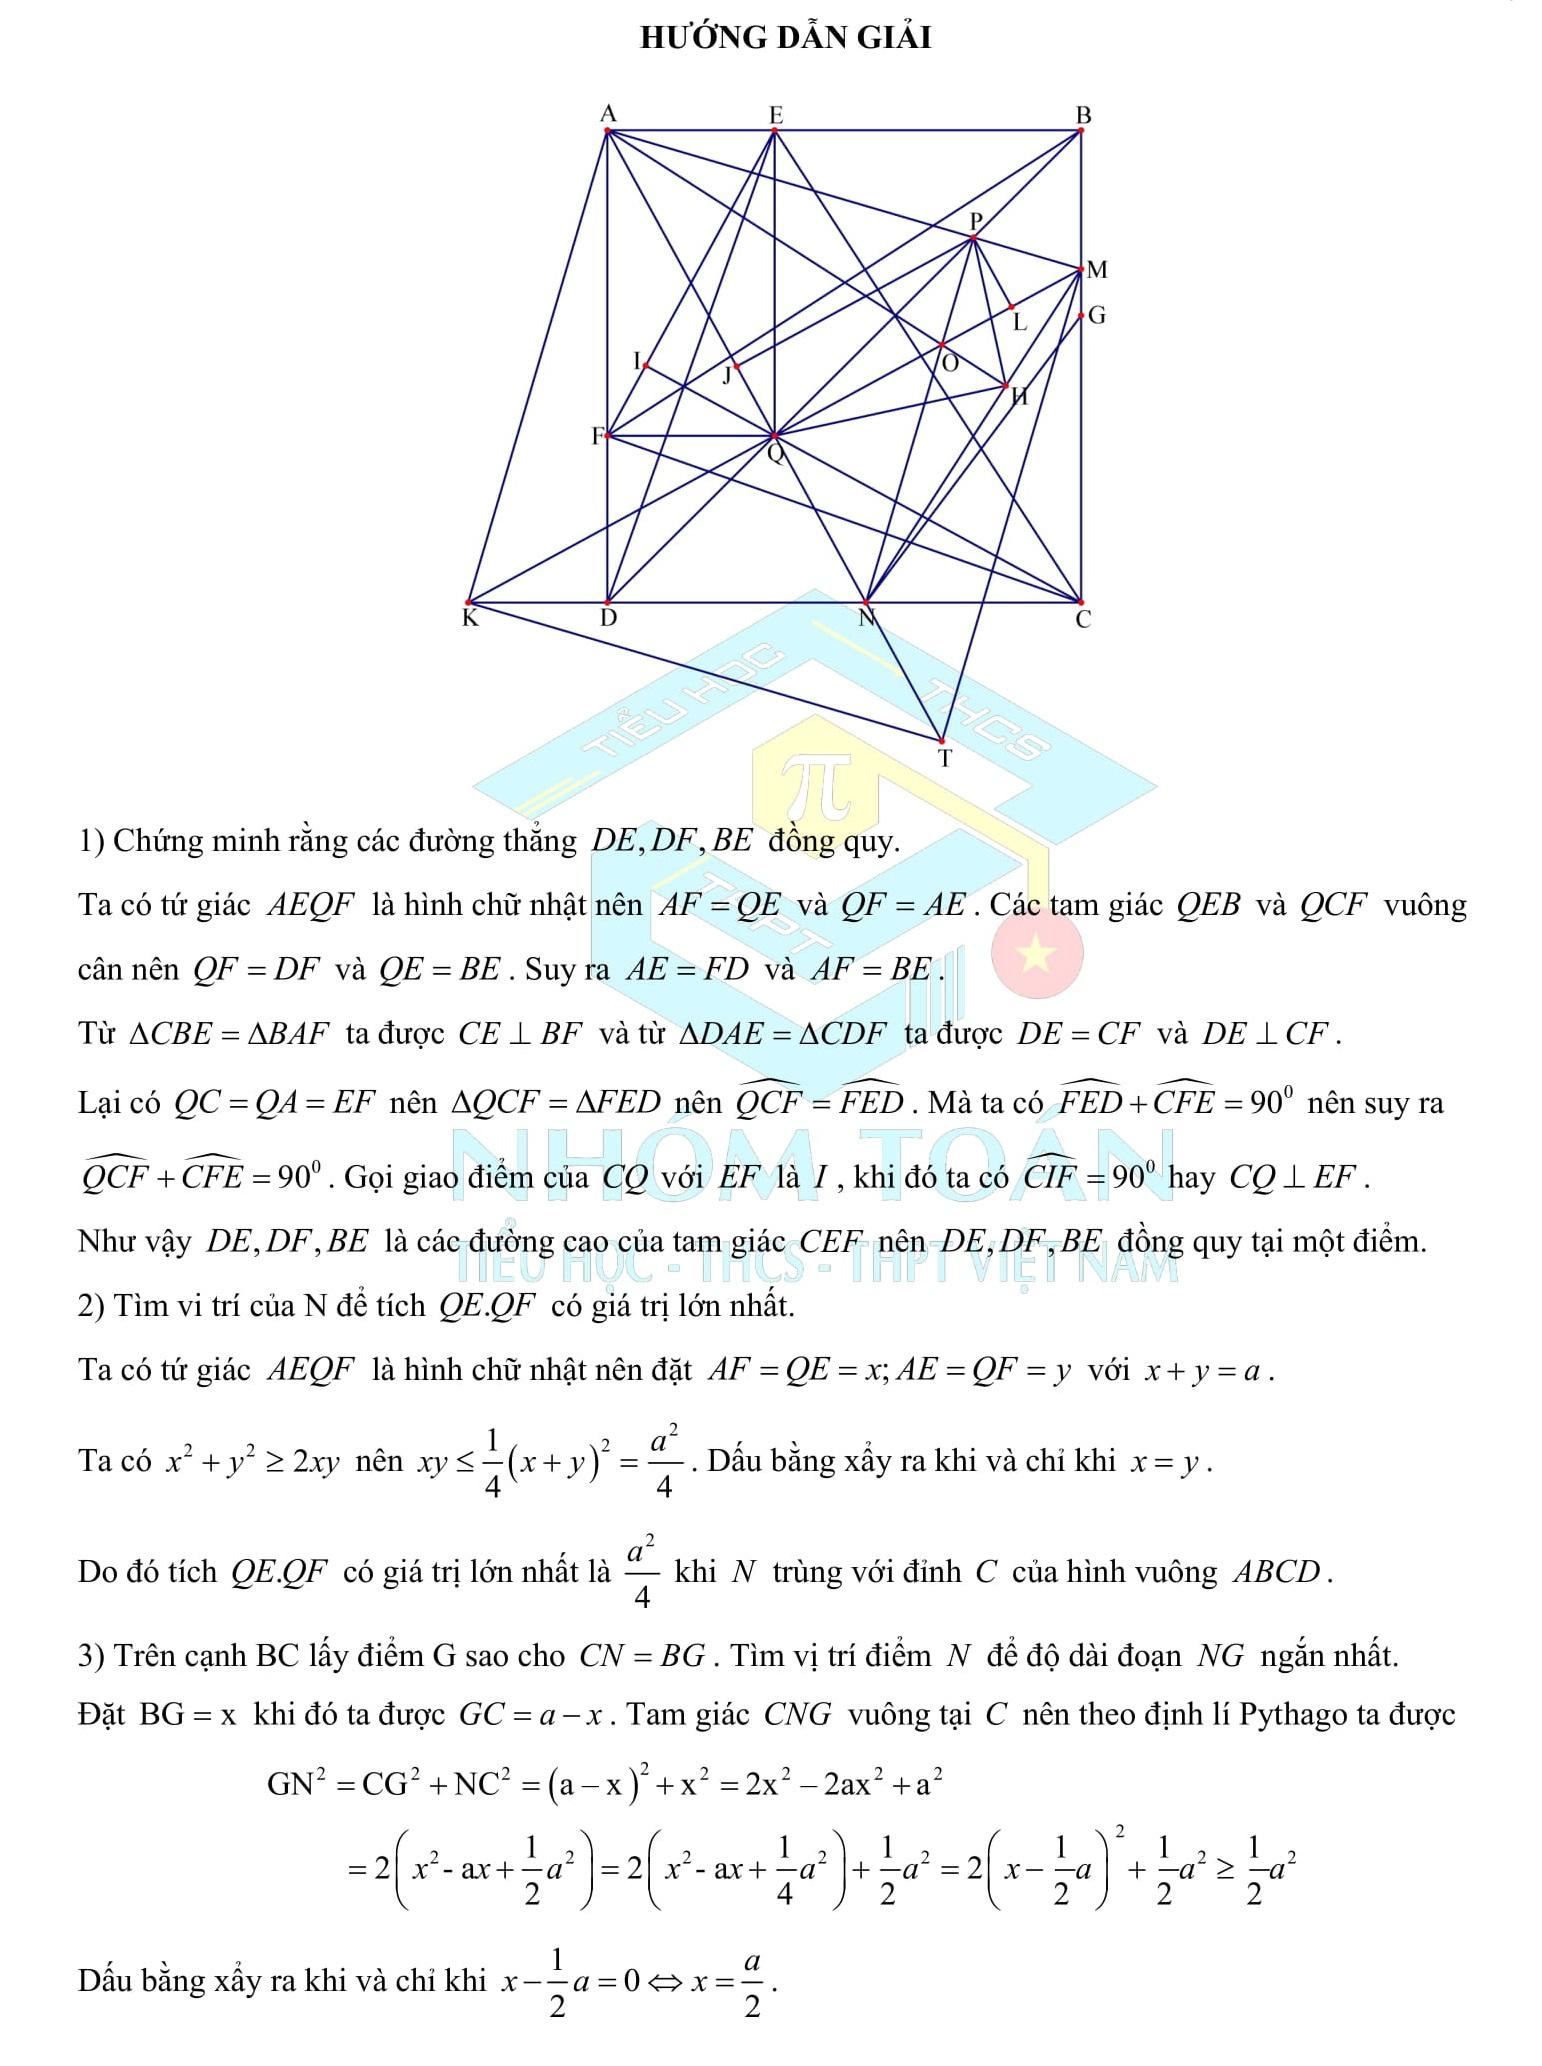 Ôn tập Toán Hình 8 chương 1